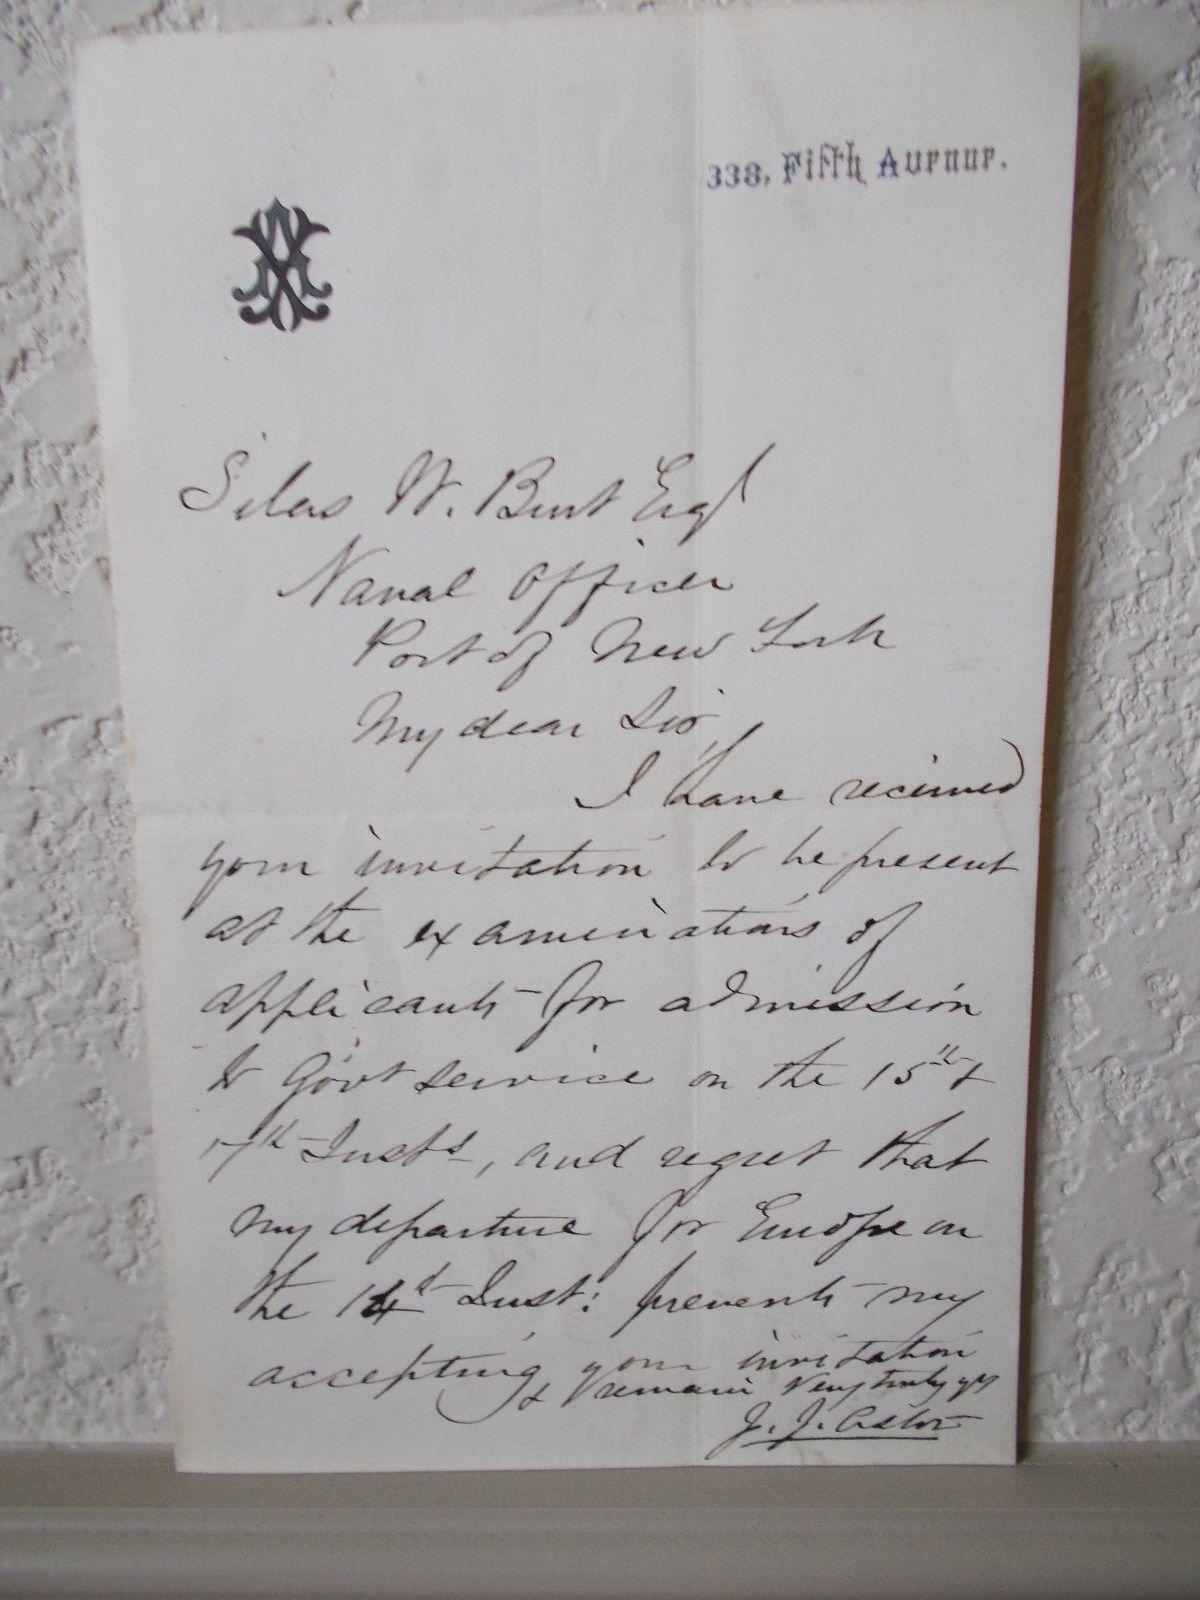 A letter from John Jacob Astor.